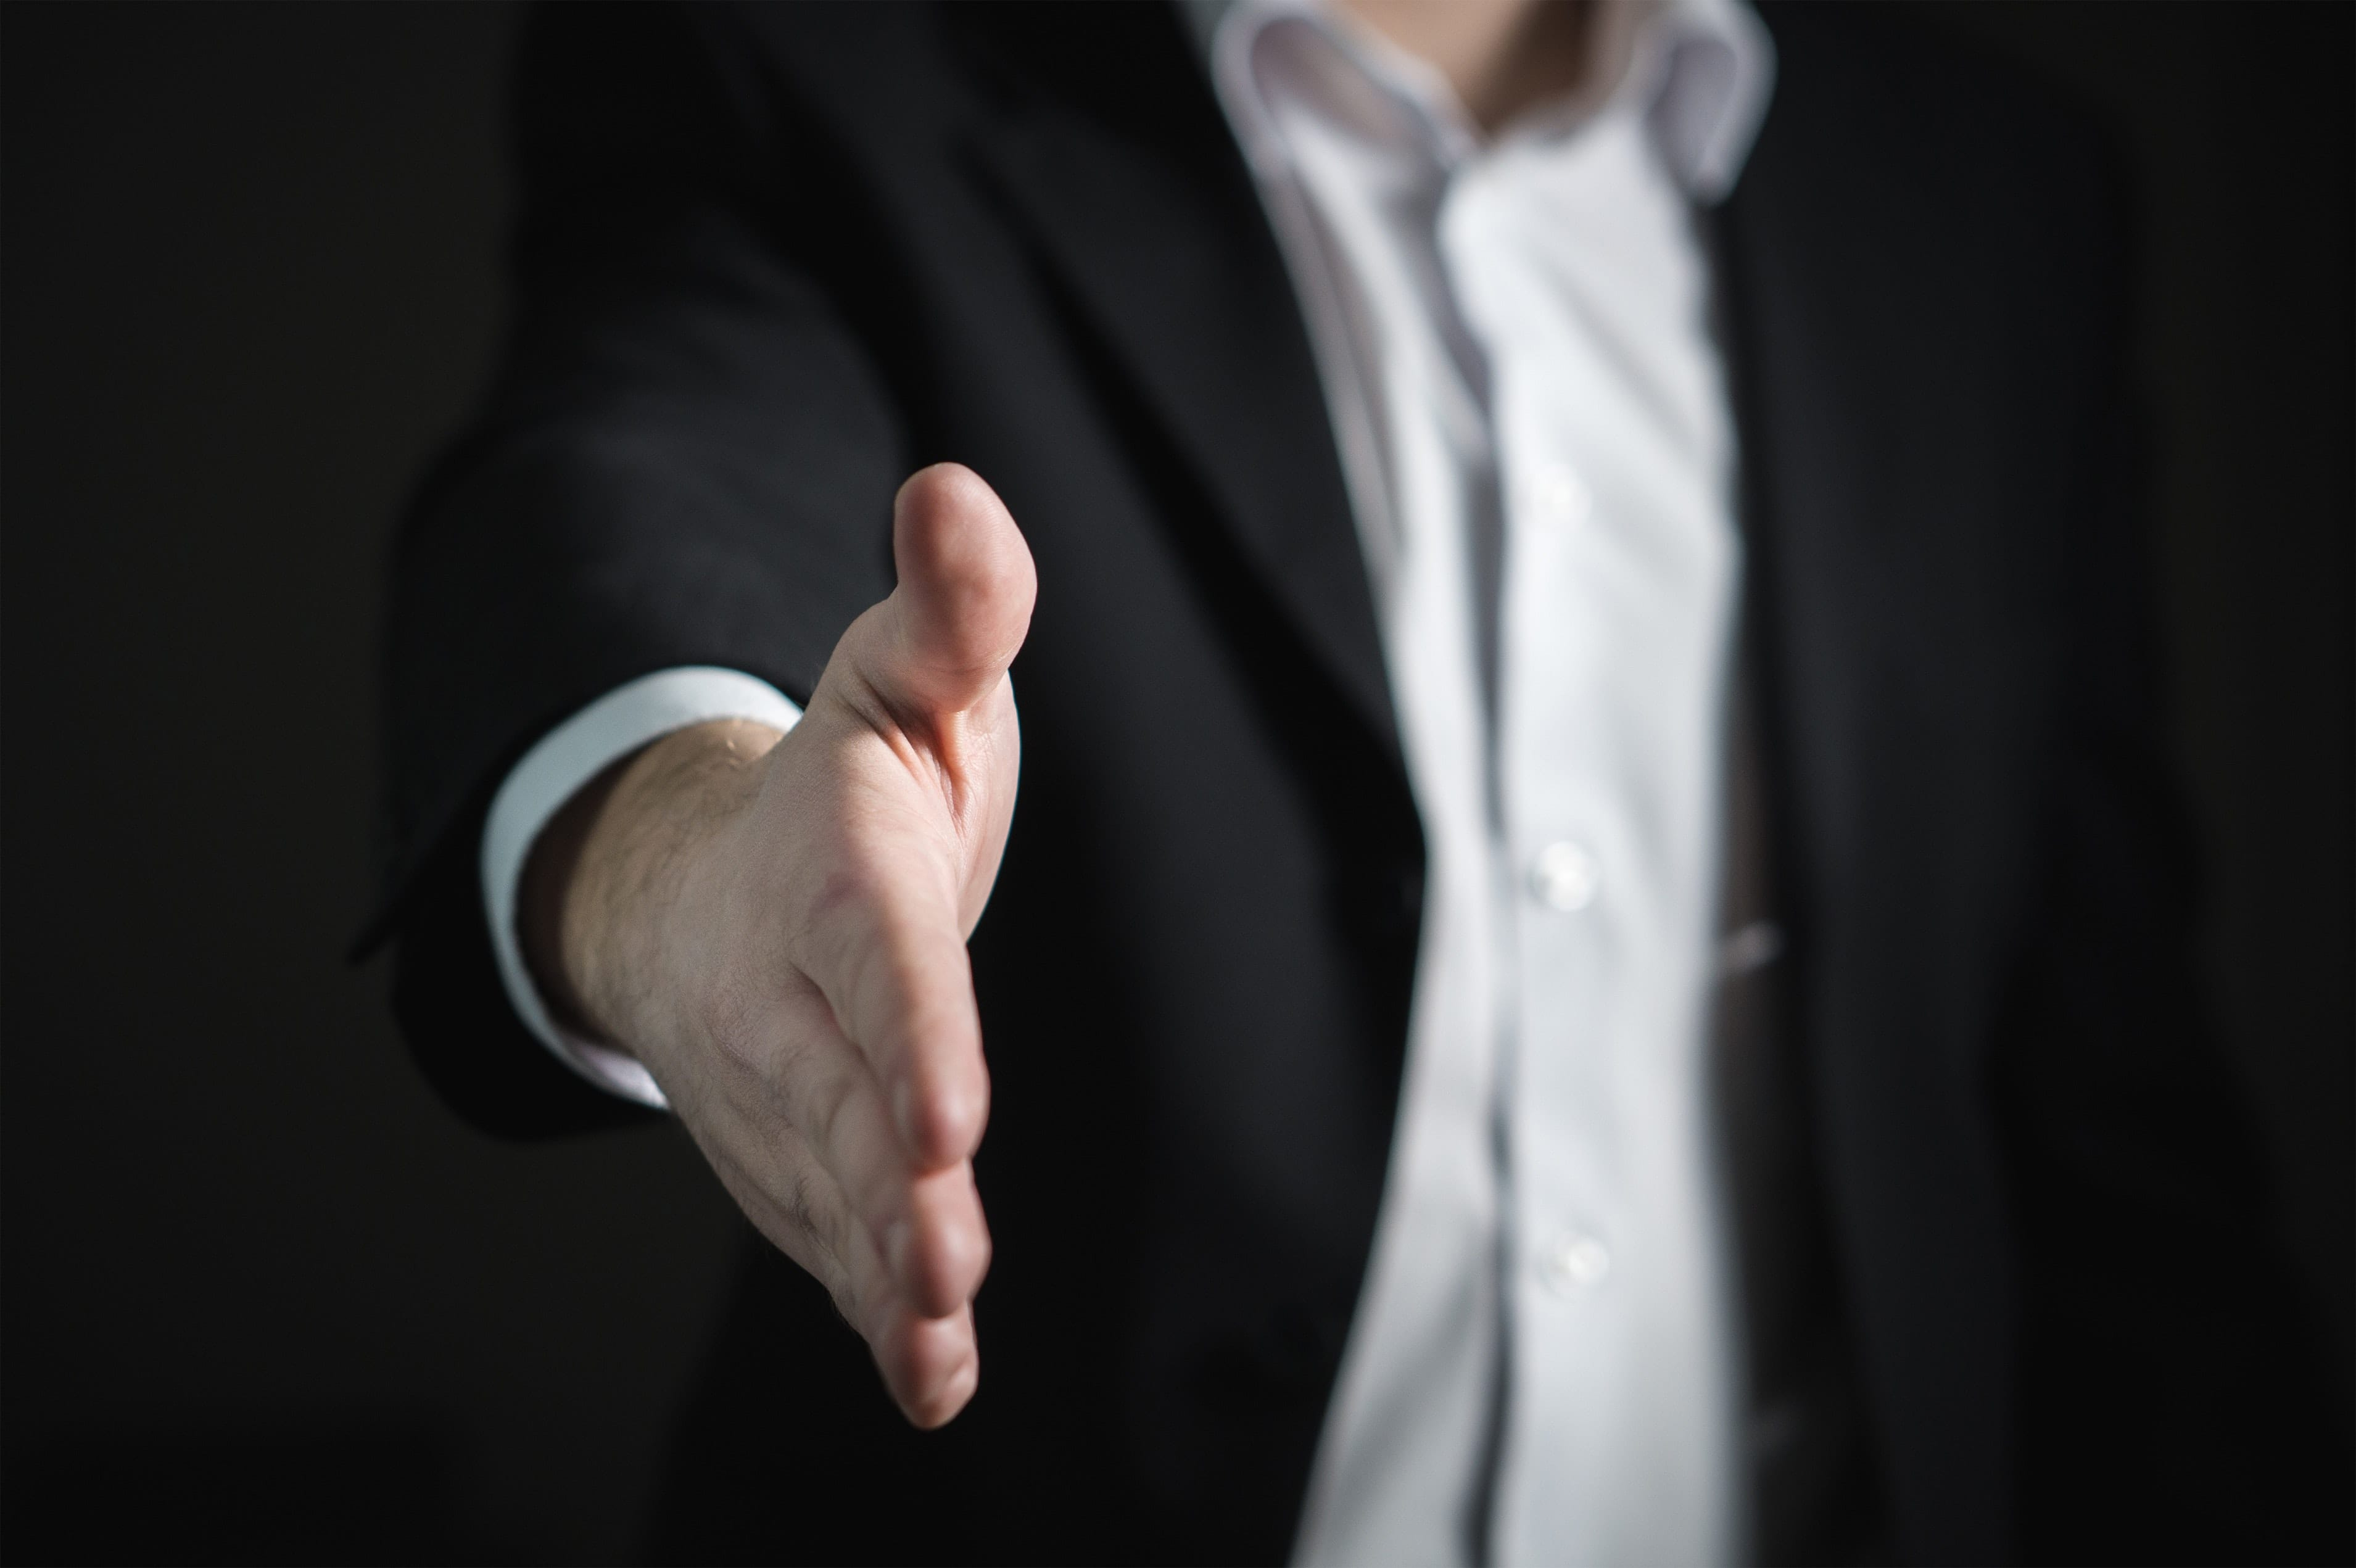 Al prossimo colloquio di lavoro, puntate sulle vostre transferable skills